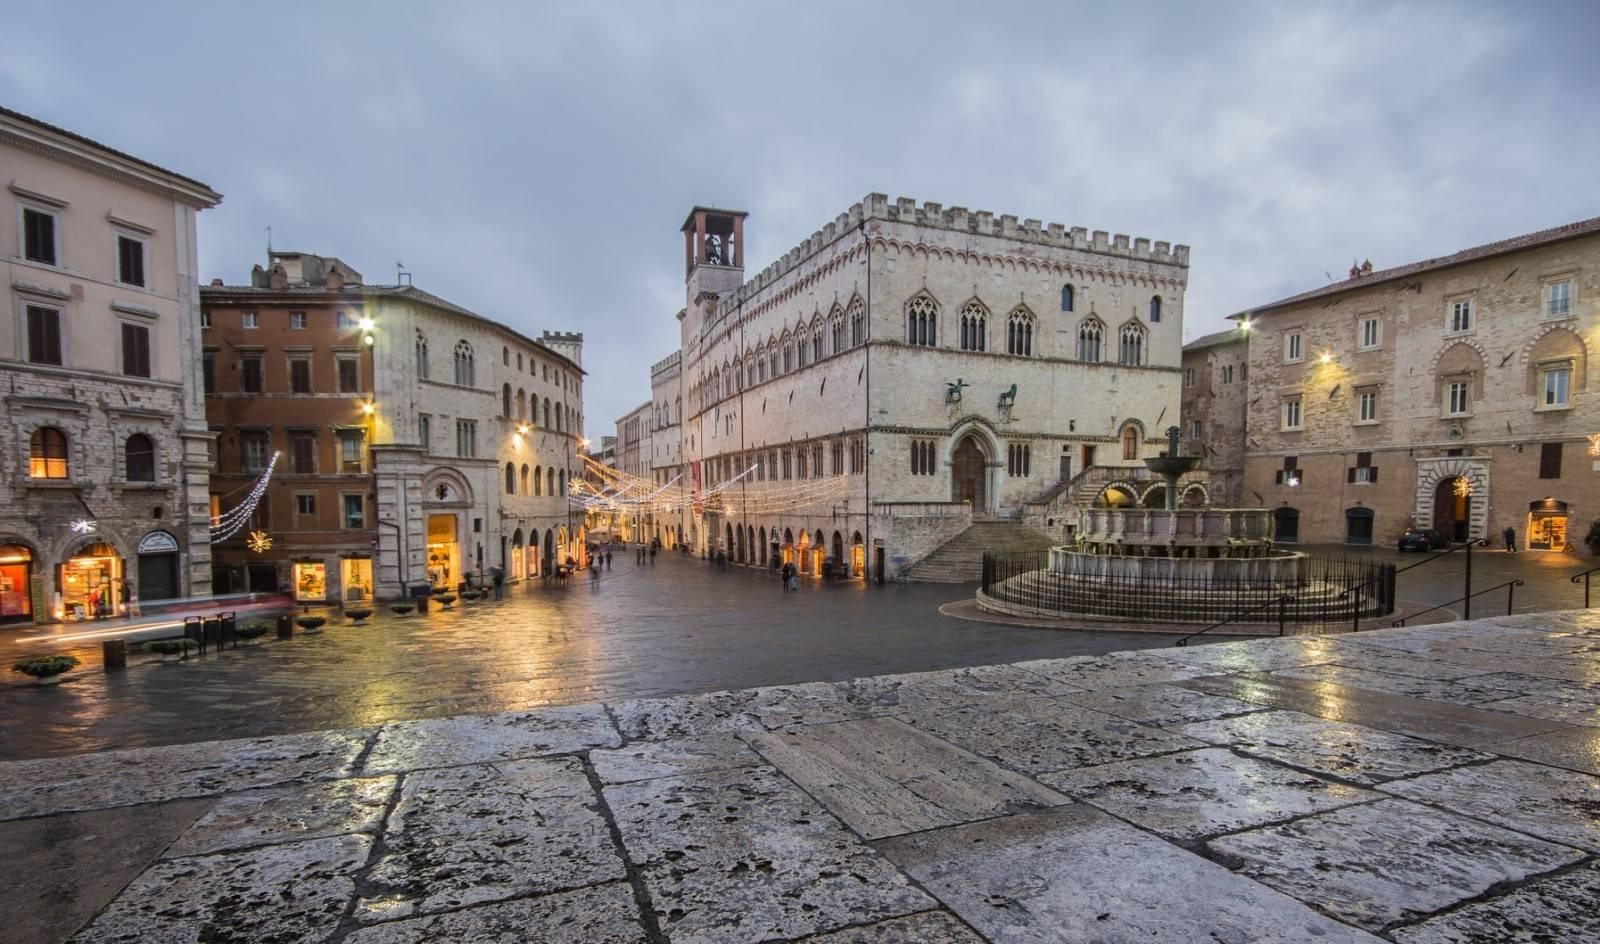 immobiliare perugia -come fare con la Guida definitiva Perugia 2022